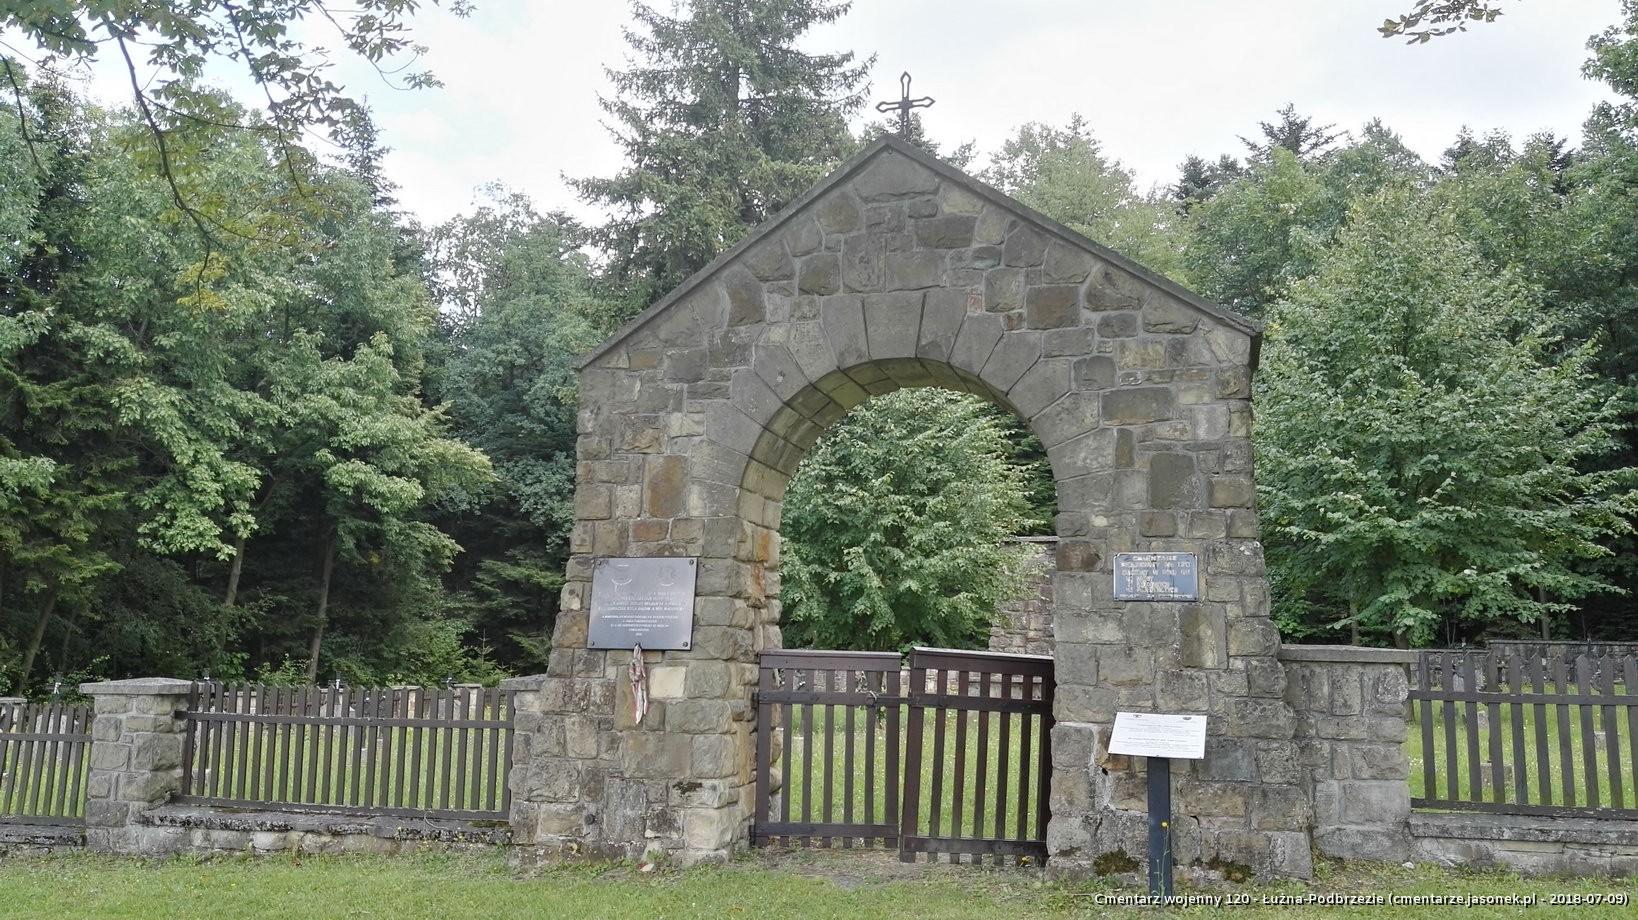 Cmentarz wojenny 120 - Łużna-Podbrzezie